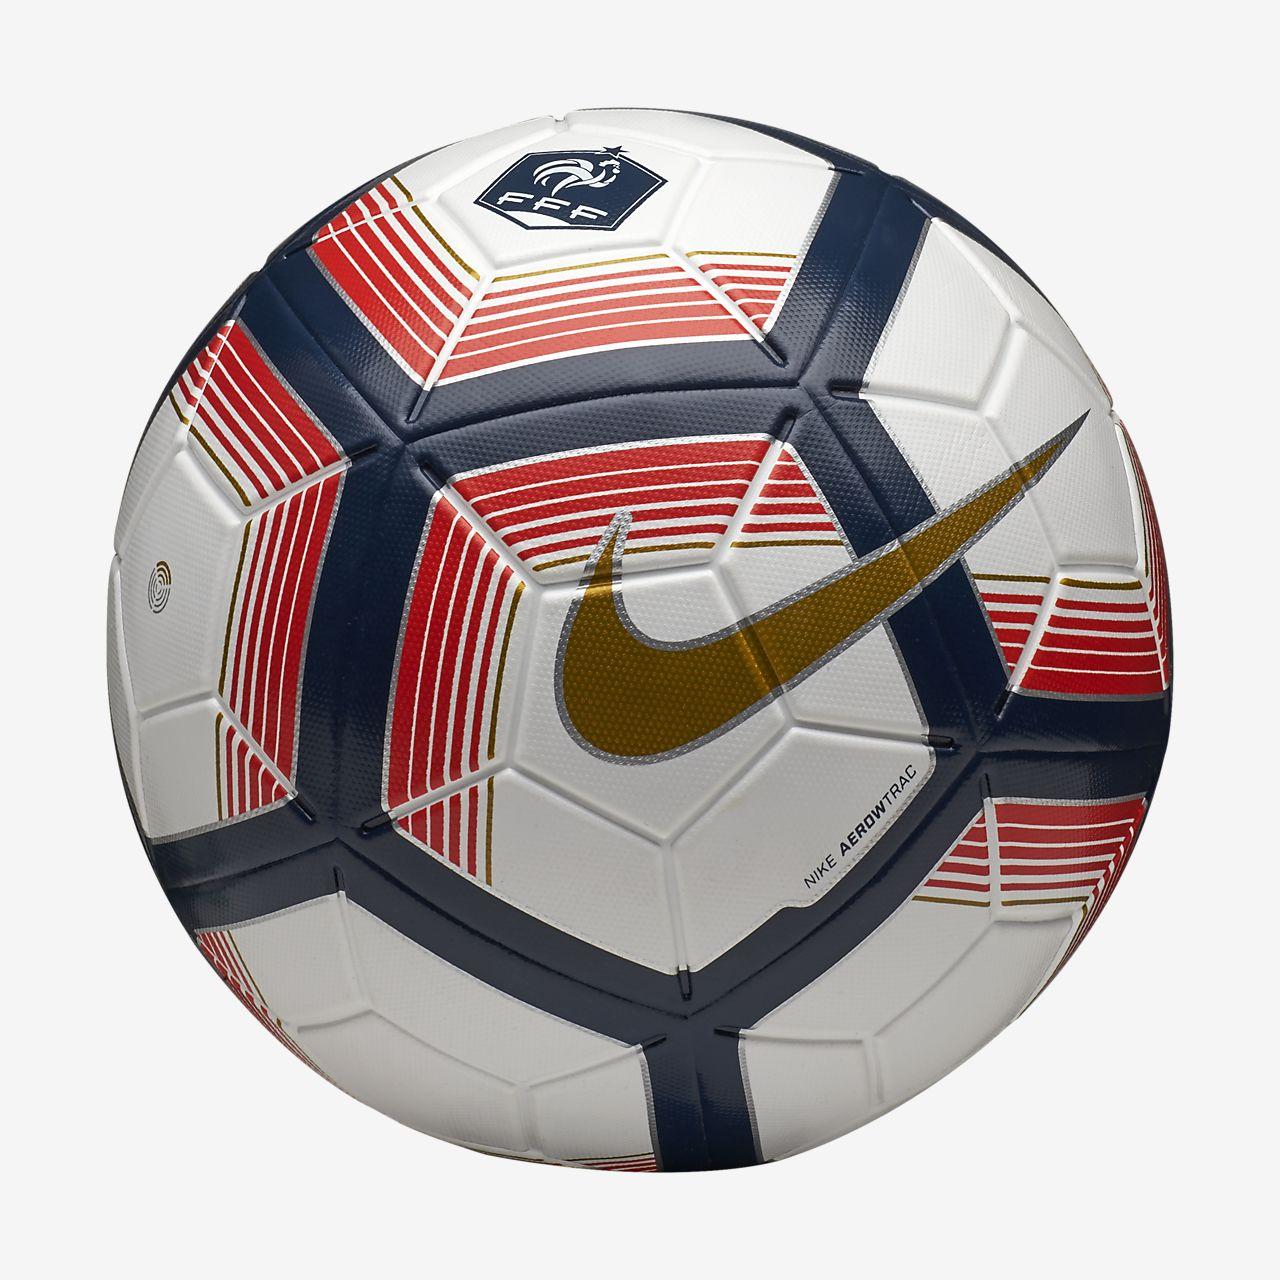 Bola de futebol FFF Magia Team FIFA. Nike.com PT bb985d48d8b0d